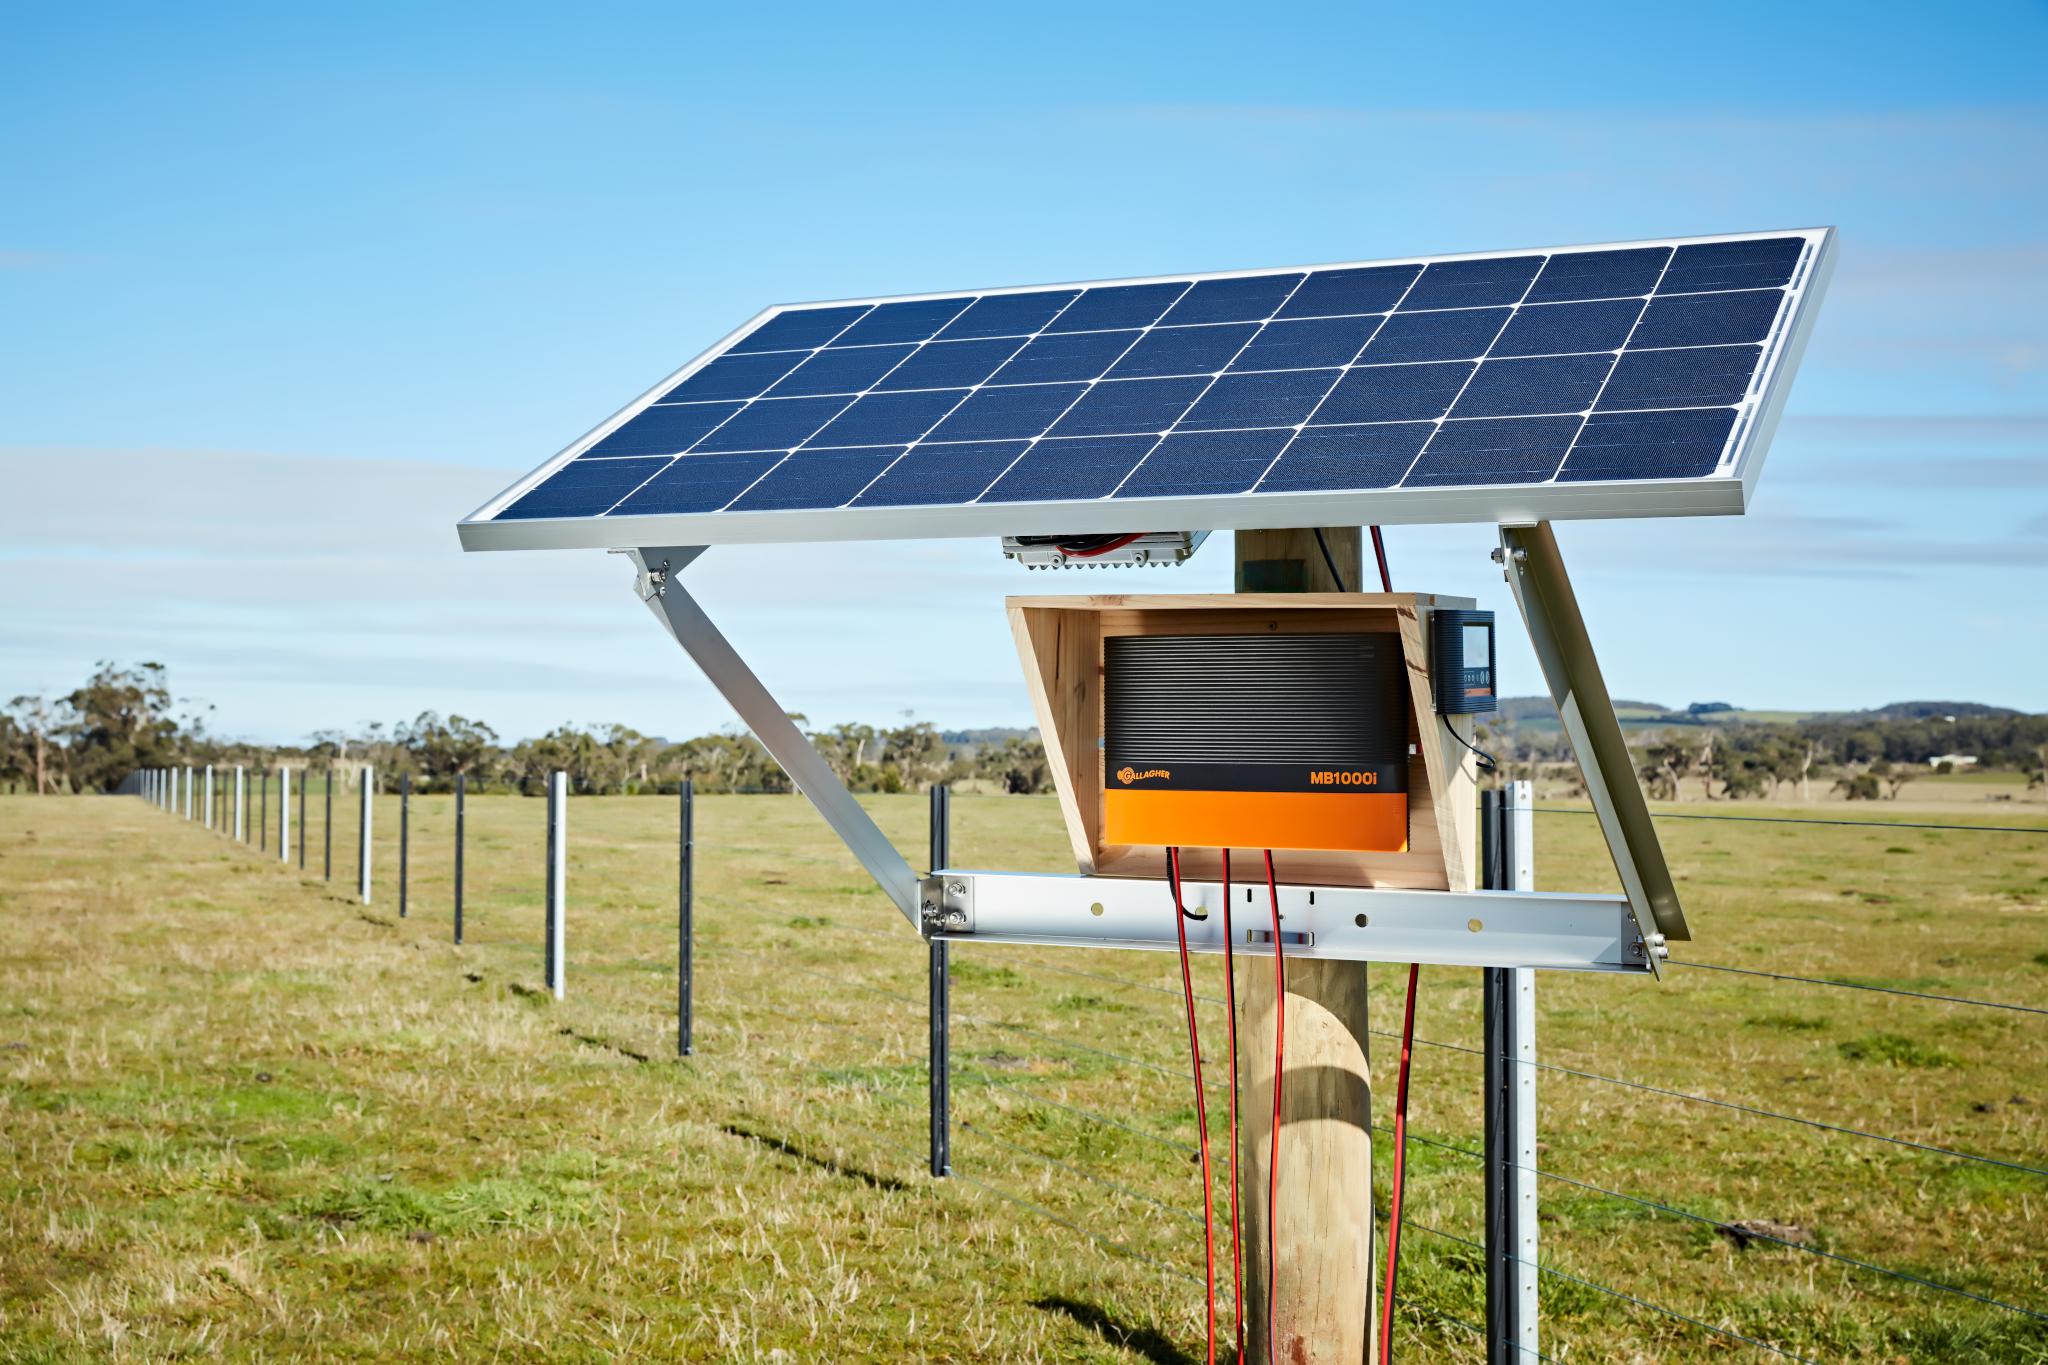 Gallagaher 005HR fencing solar panels